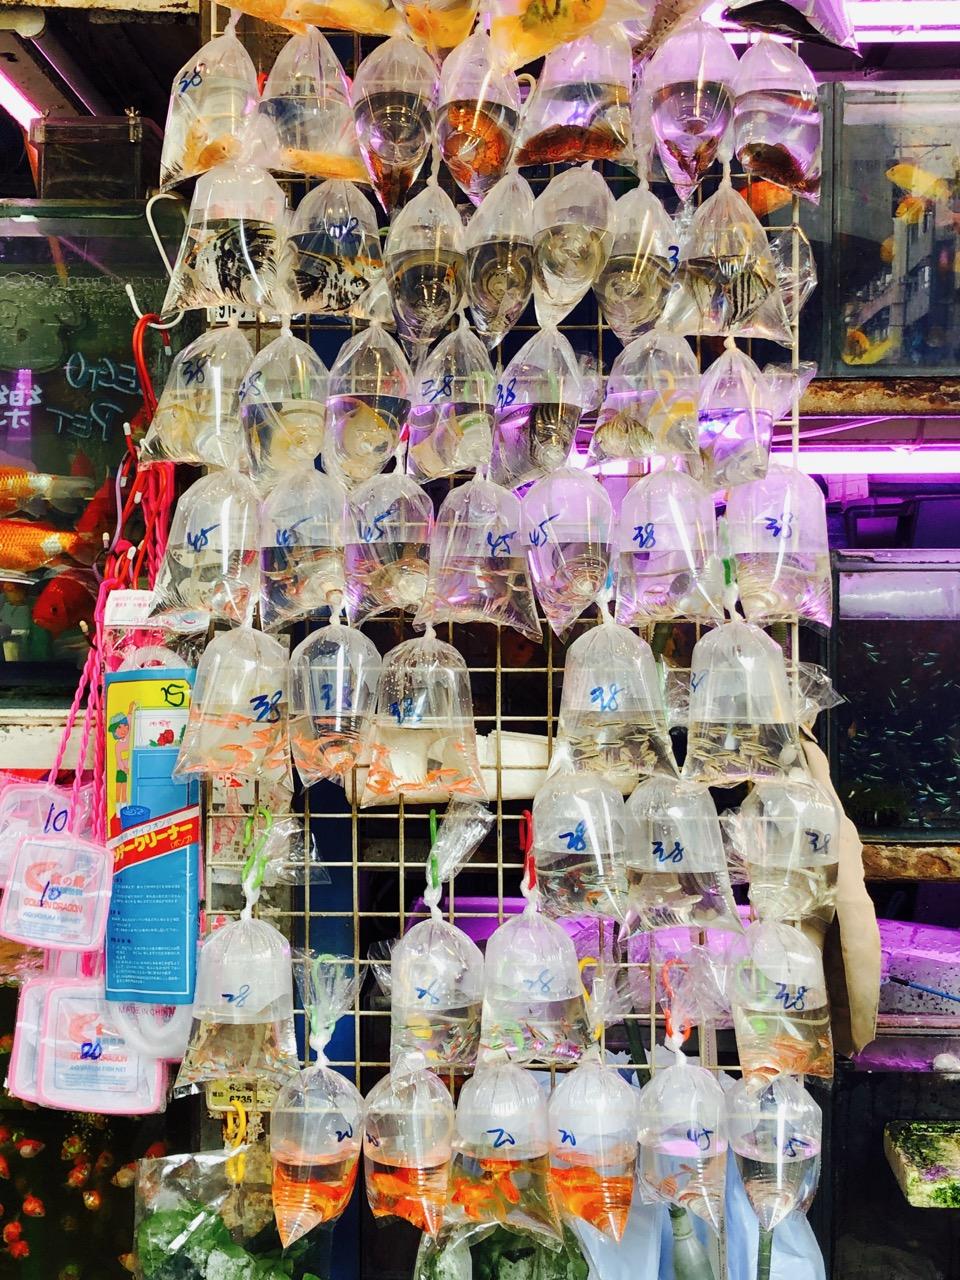 fish in plastic bags Hong Kong